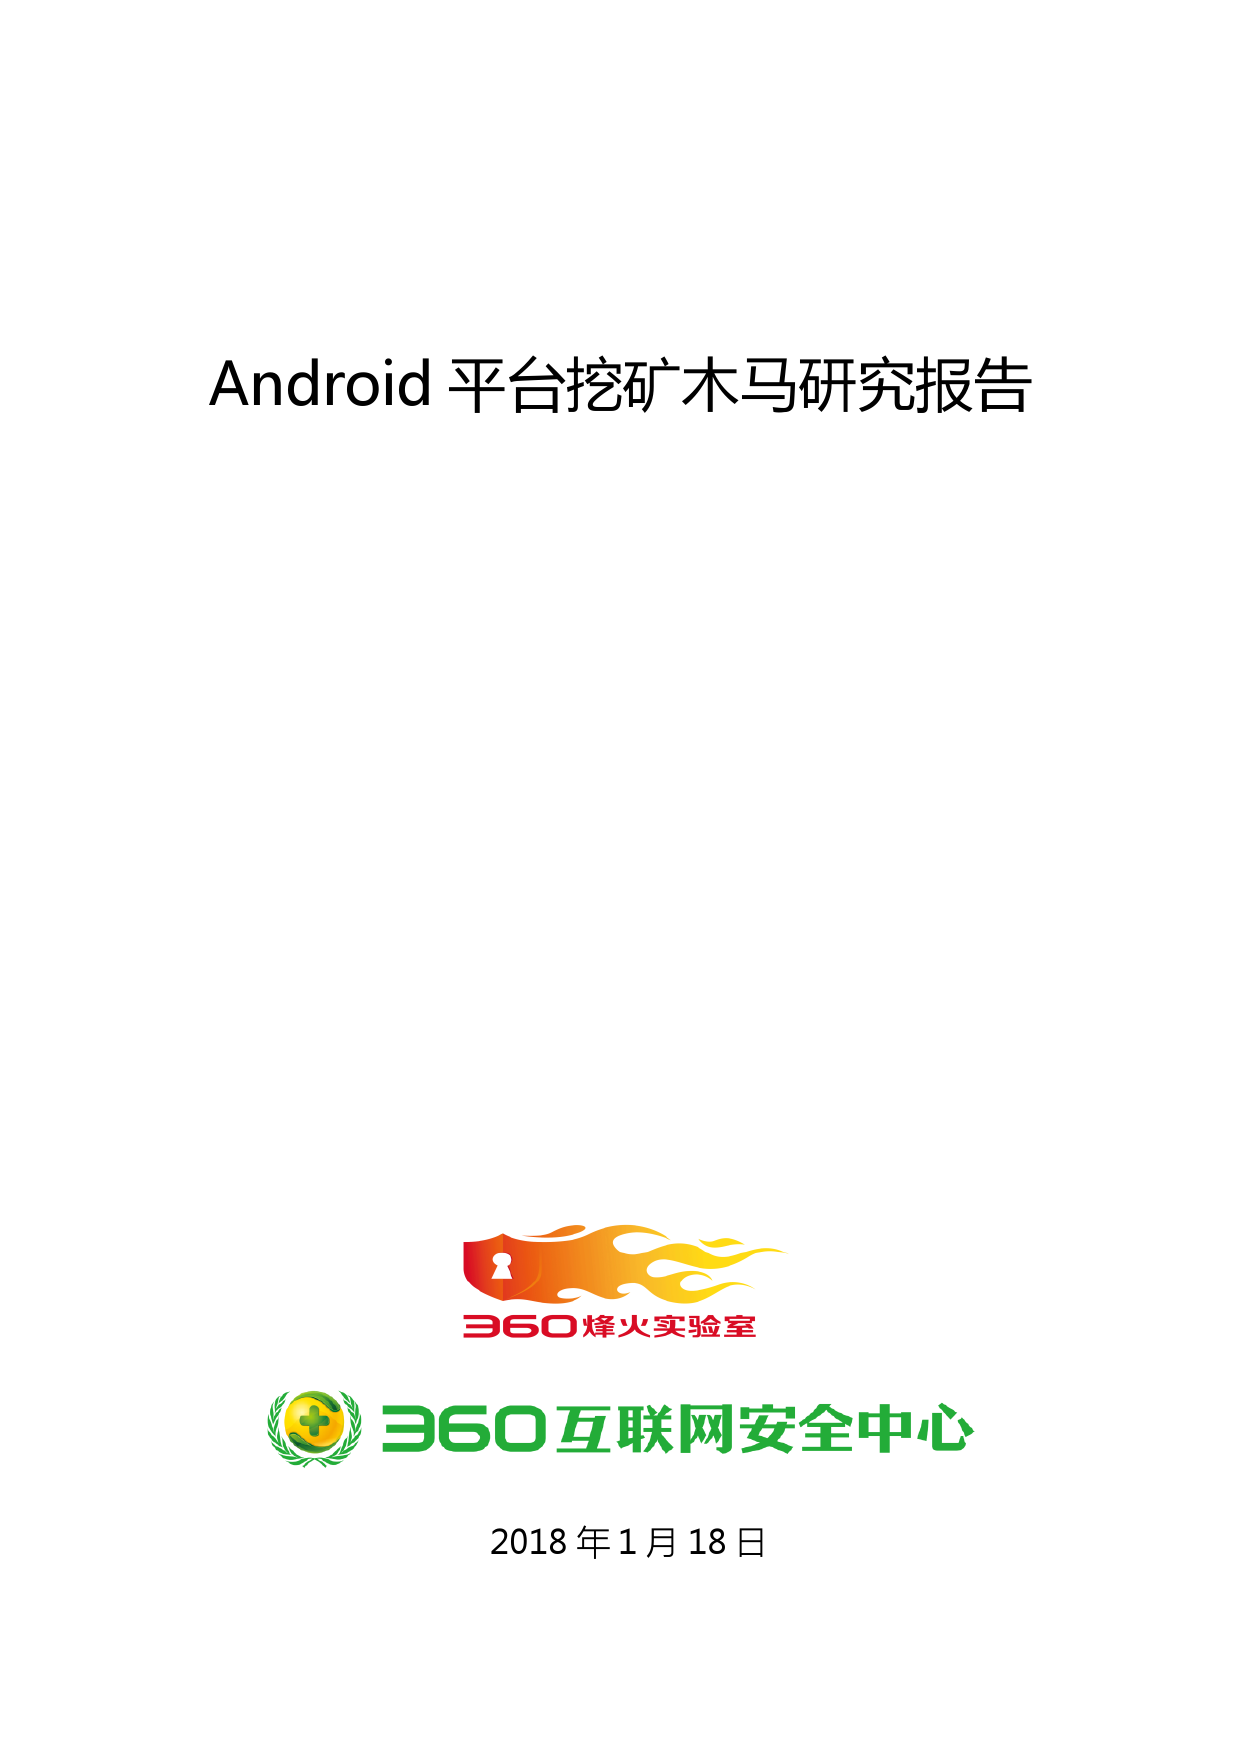 360:Android平台挖矿木马研究报告(附下载)